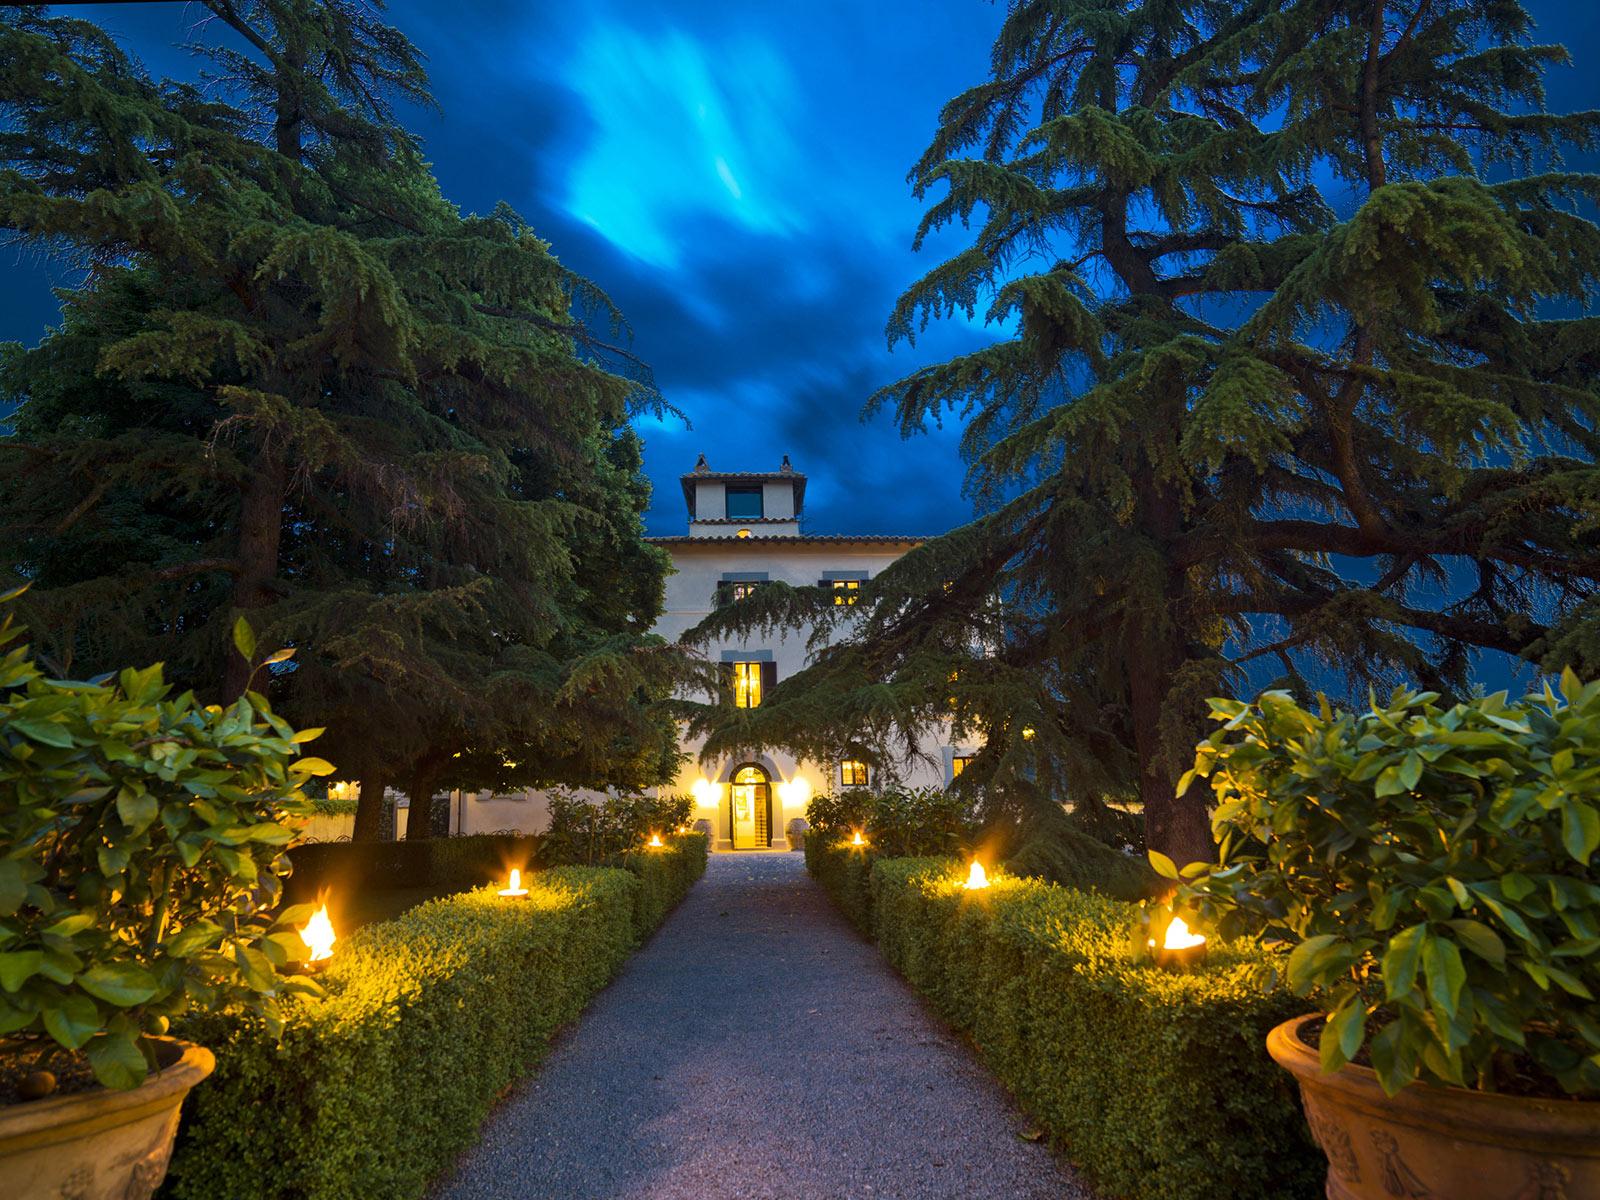 Villa-Monte-Solare-Hotel-and-SPA-in-Umbria-Italy